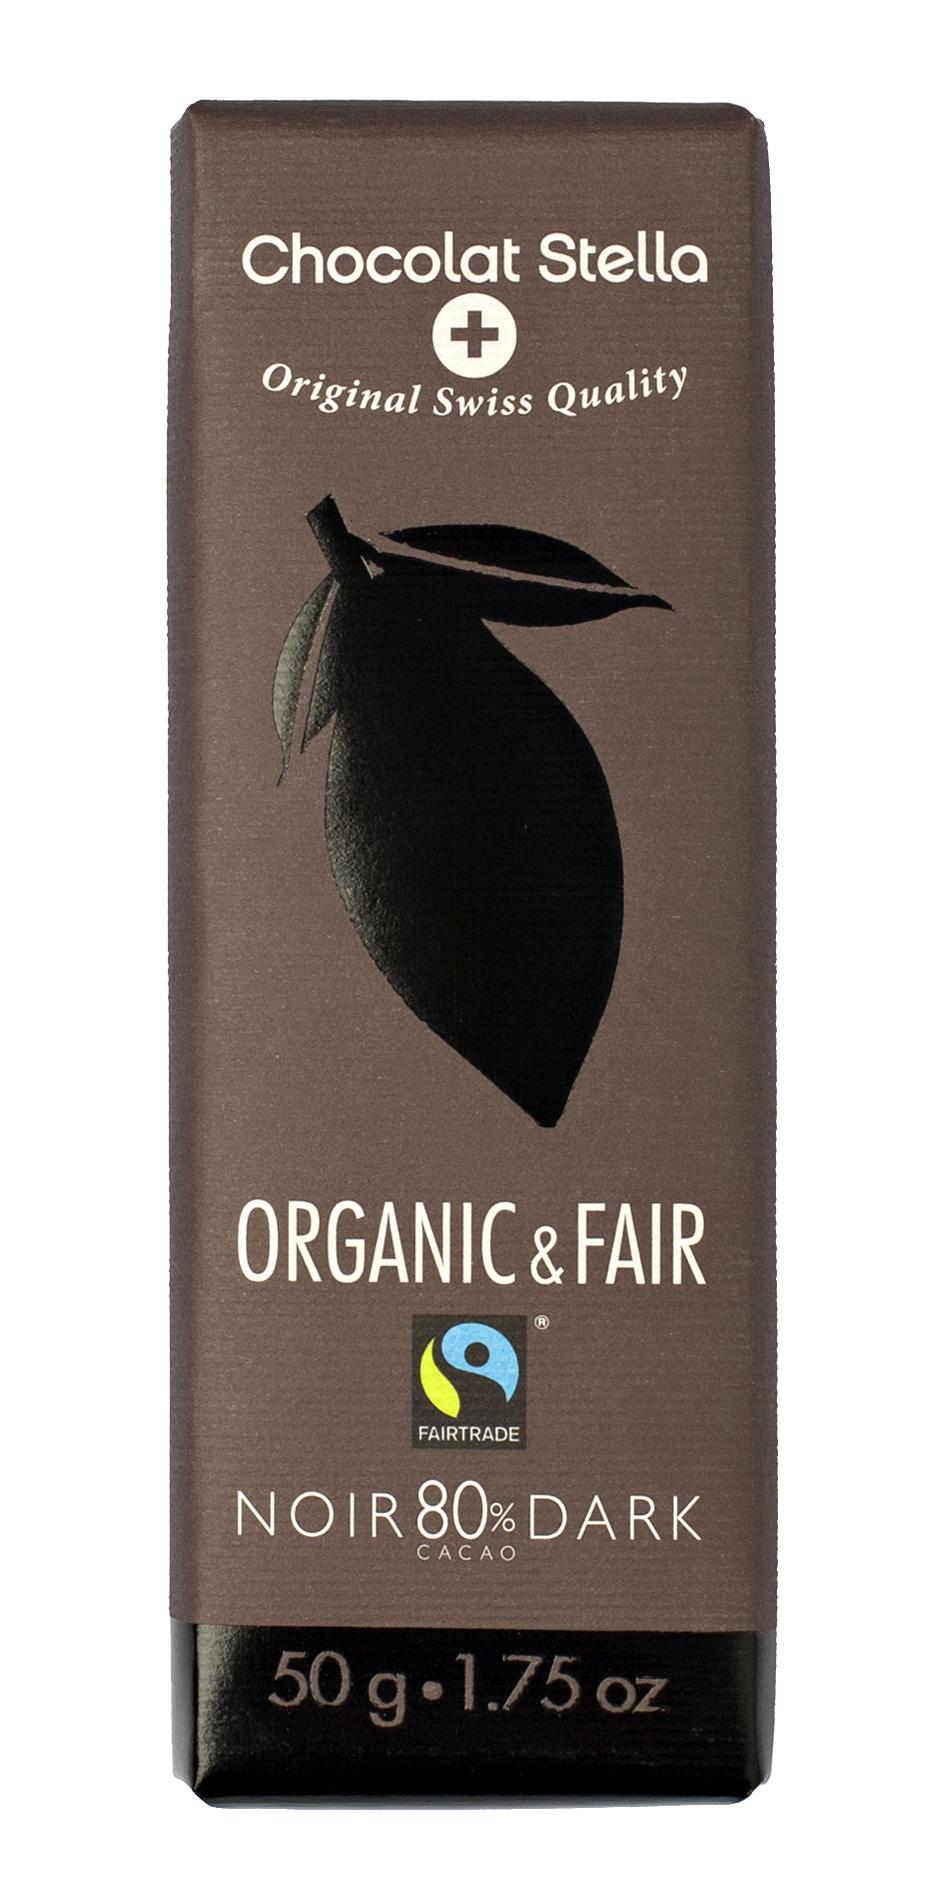 Tafelschokolade Dunkel 80 Prozent